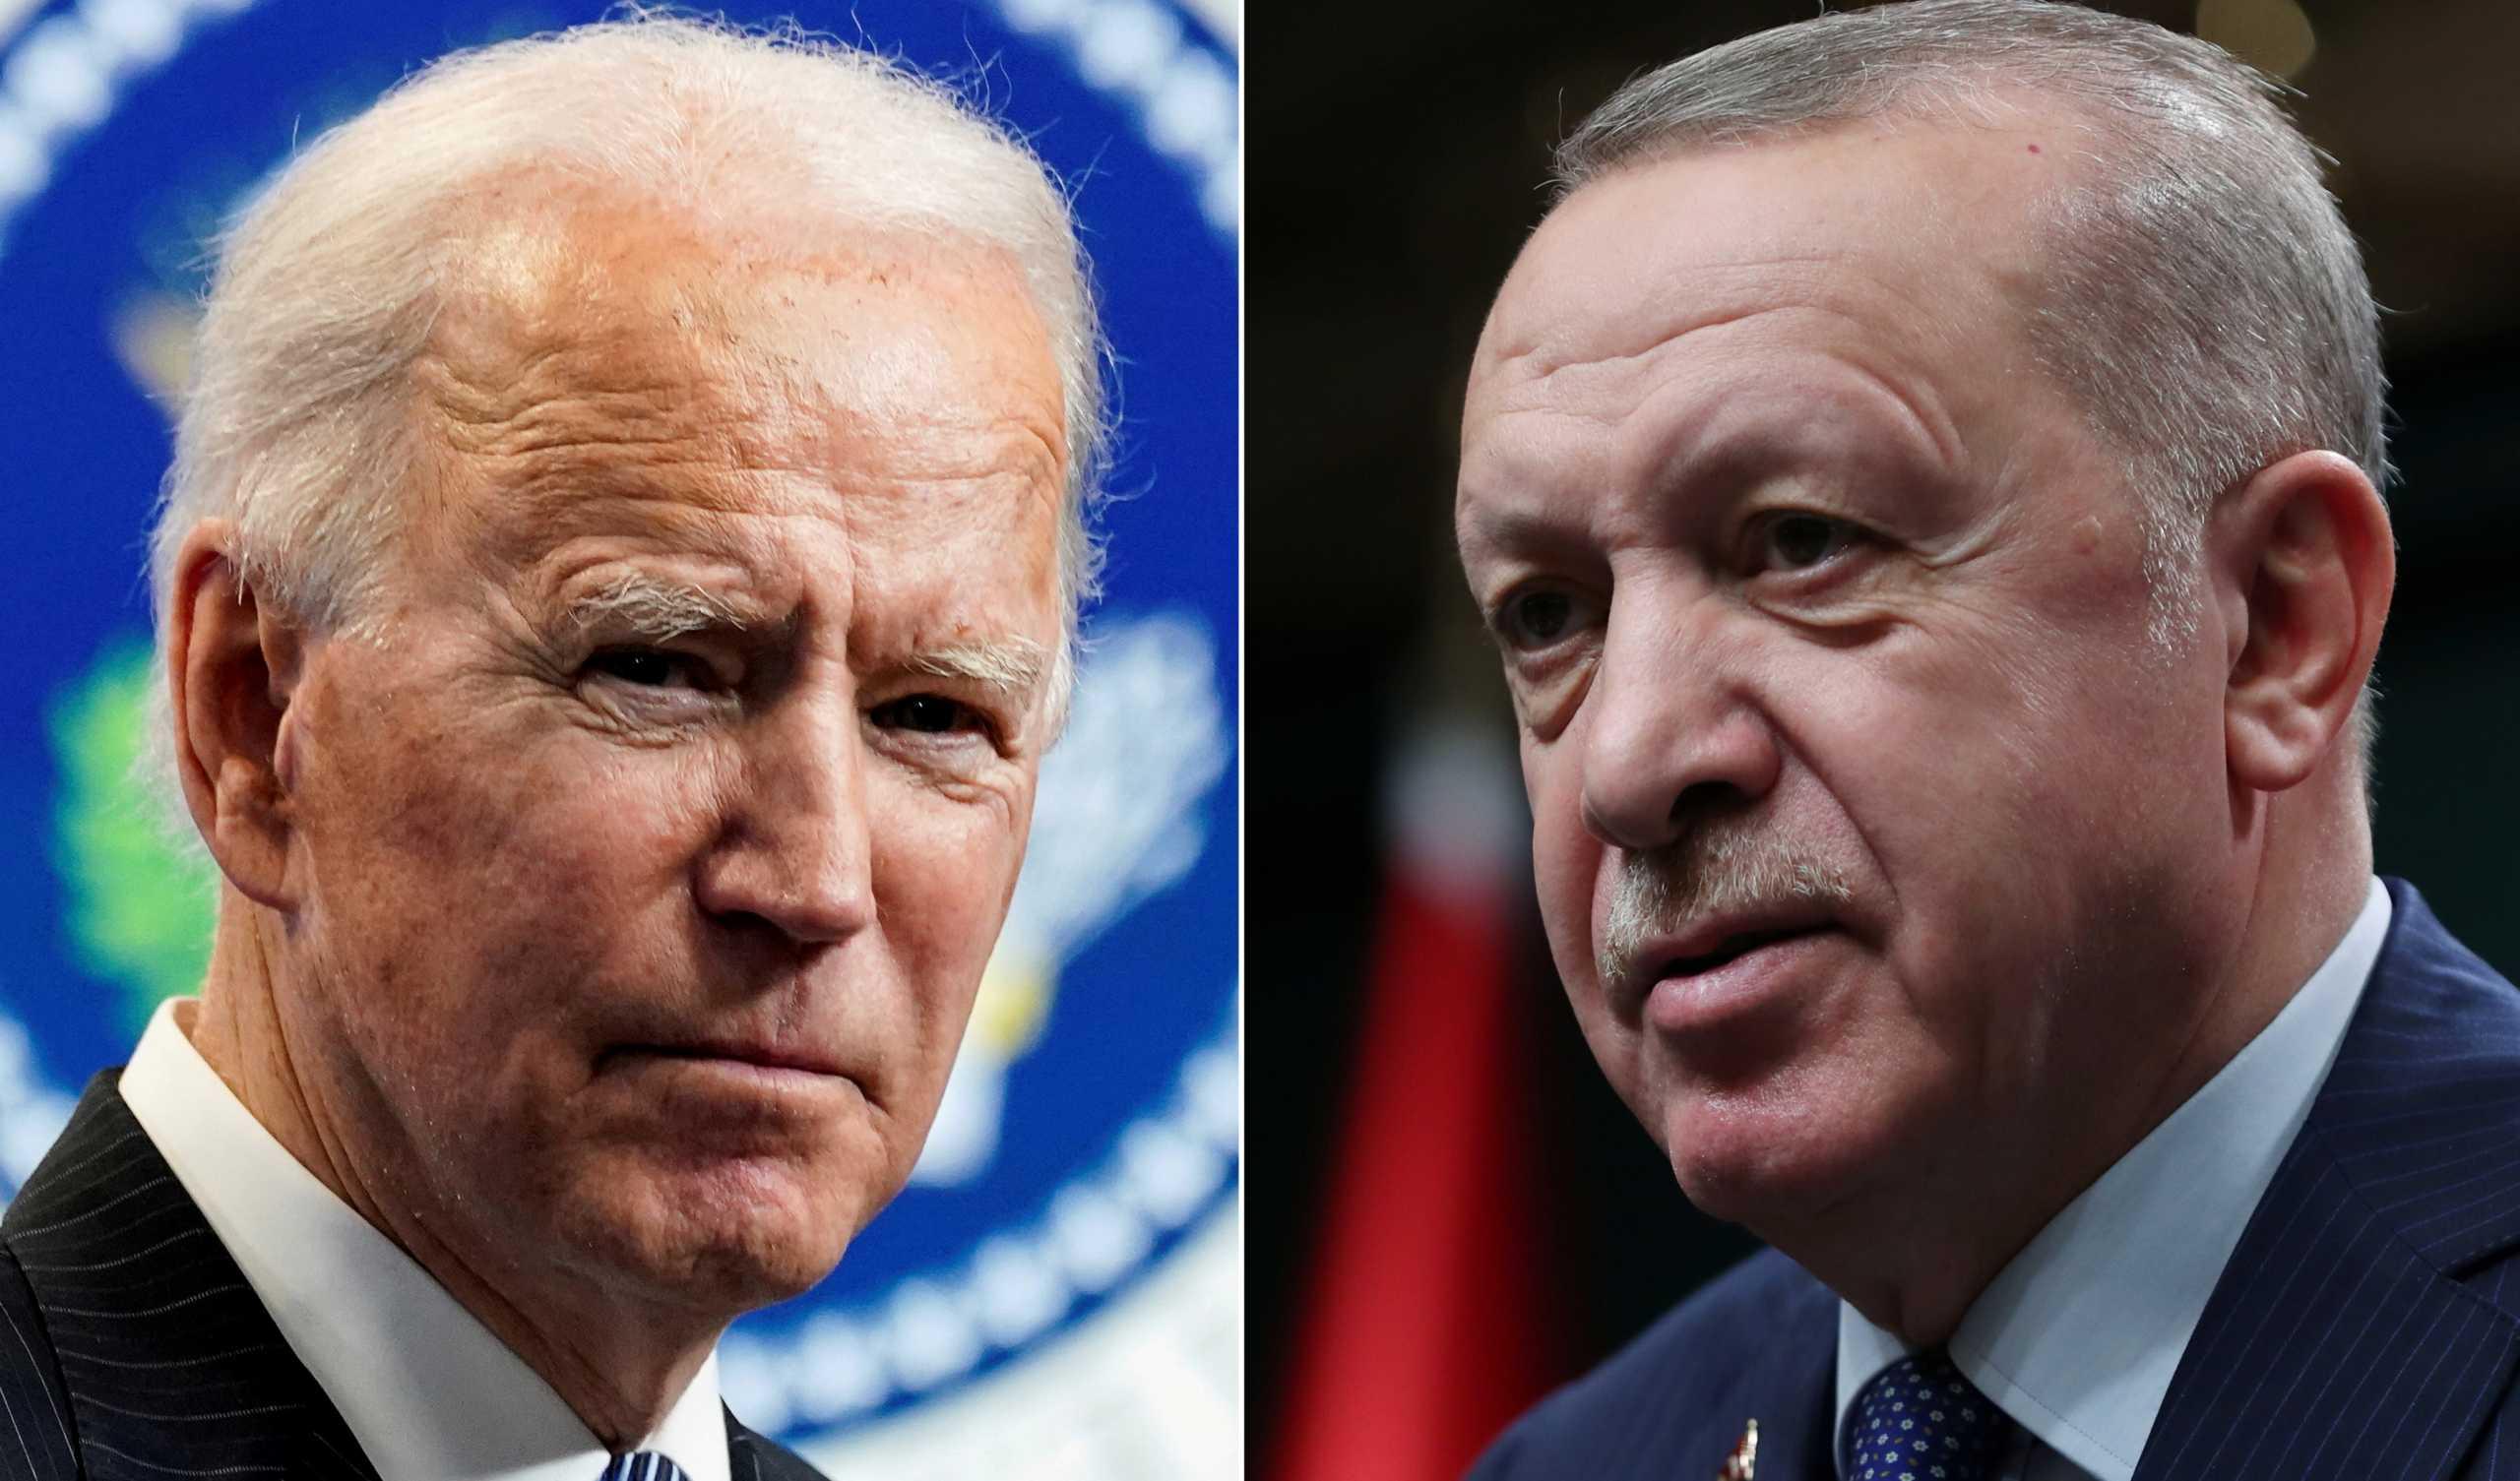 Γενοκτονία Αρμενίων: Ο Μπάιντεν προκάλεσε «σεισμό» στην Τουρκία – Τι φοβάται ο Ερντογάν